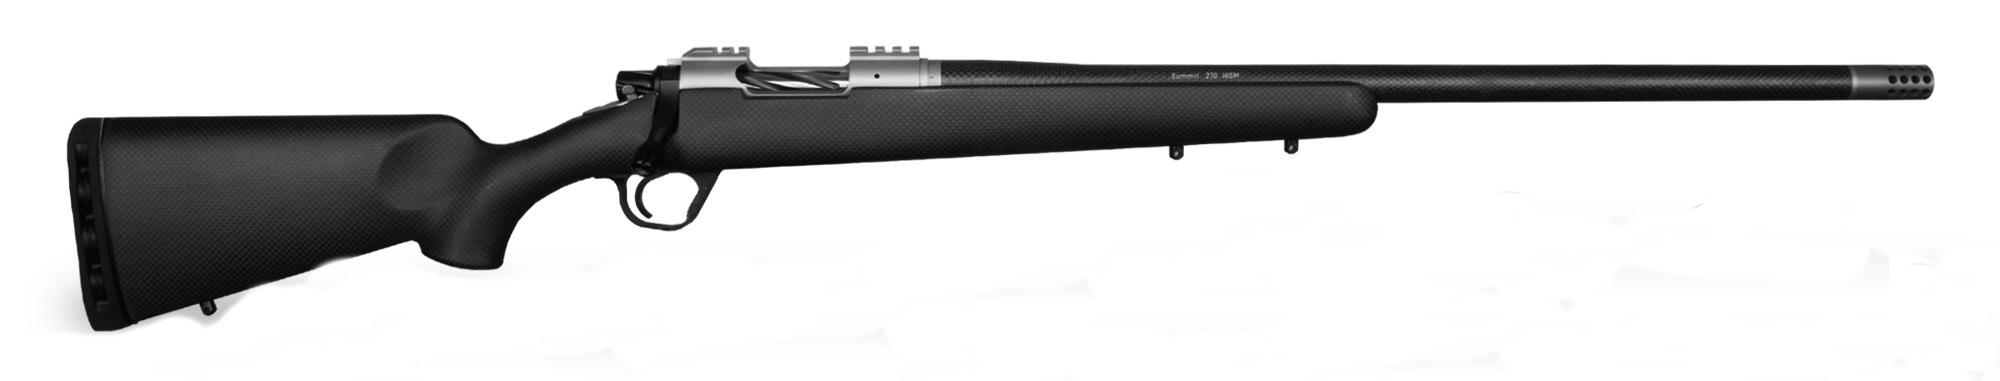 Christensen Arms Summit Ti 7mm Rem Mag